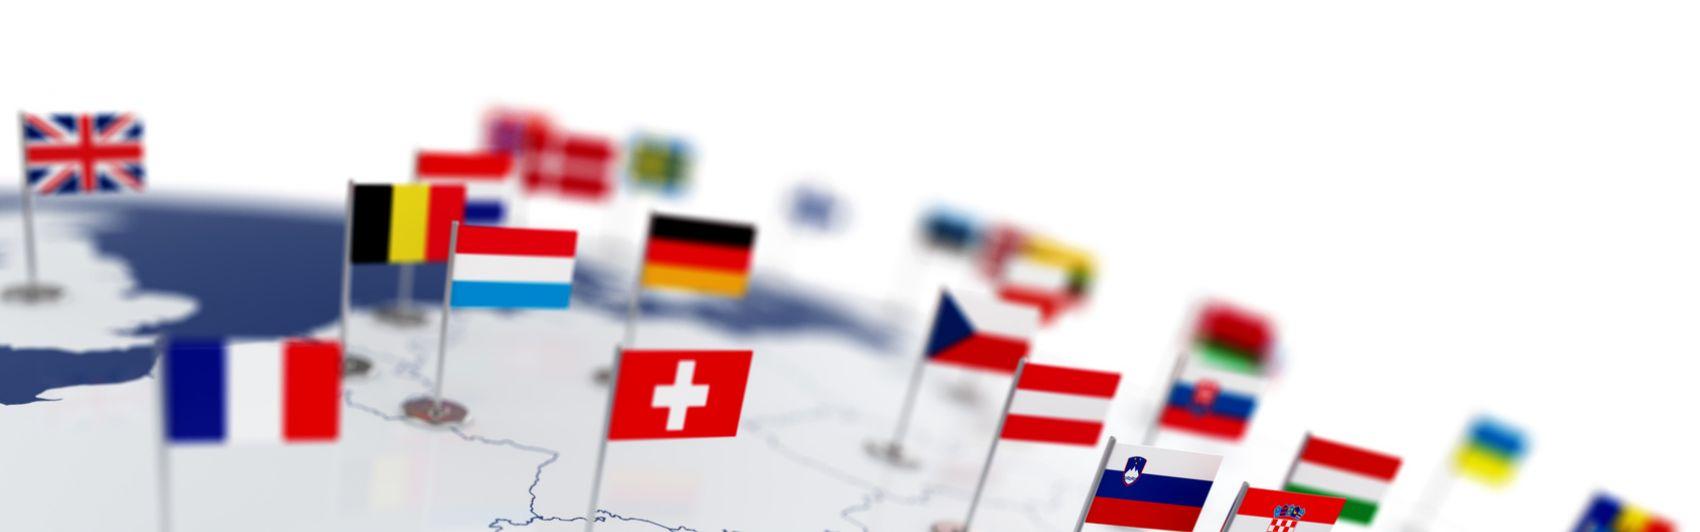 Europäischer Markt